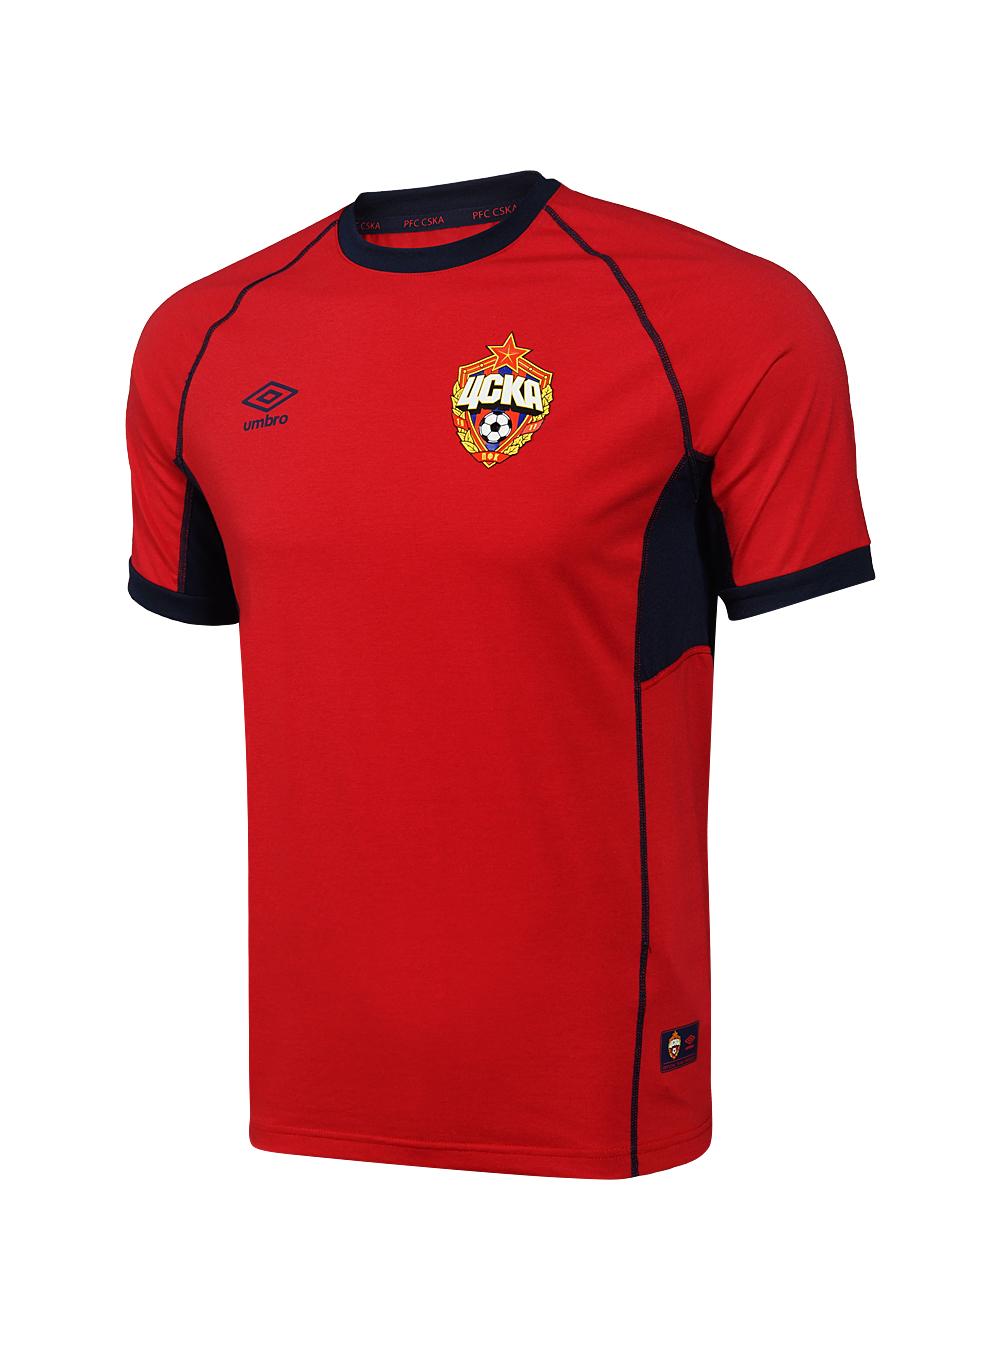 Купить Футболка тренировочная красная х/б (XS) по Нижнему Новгороду